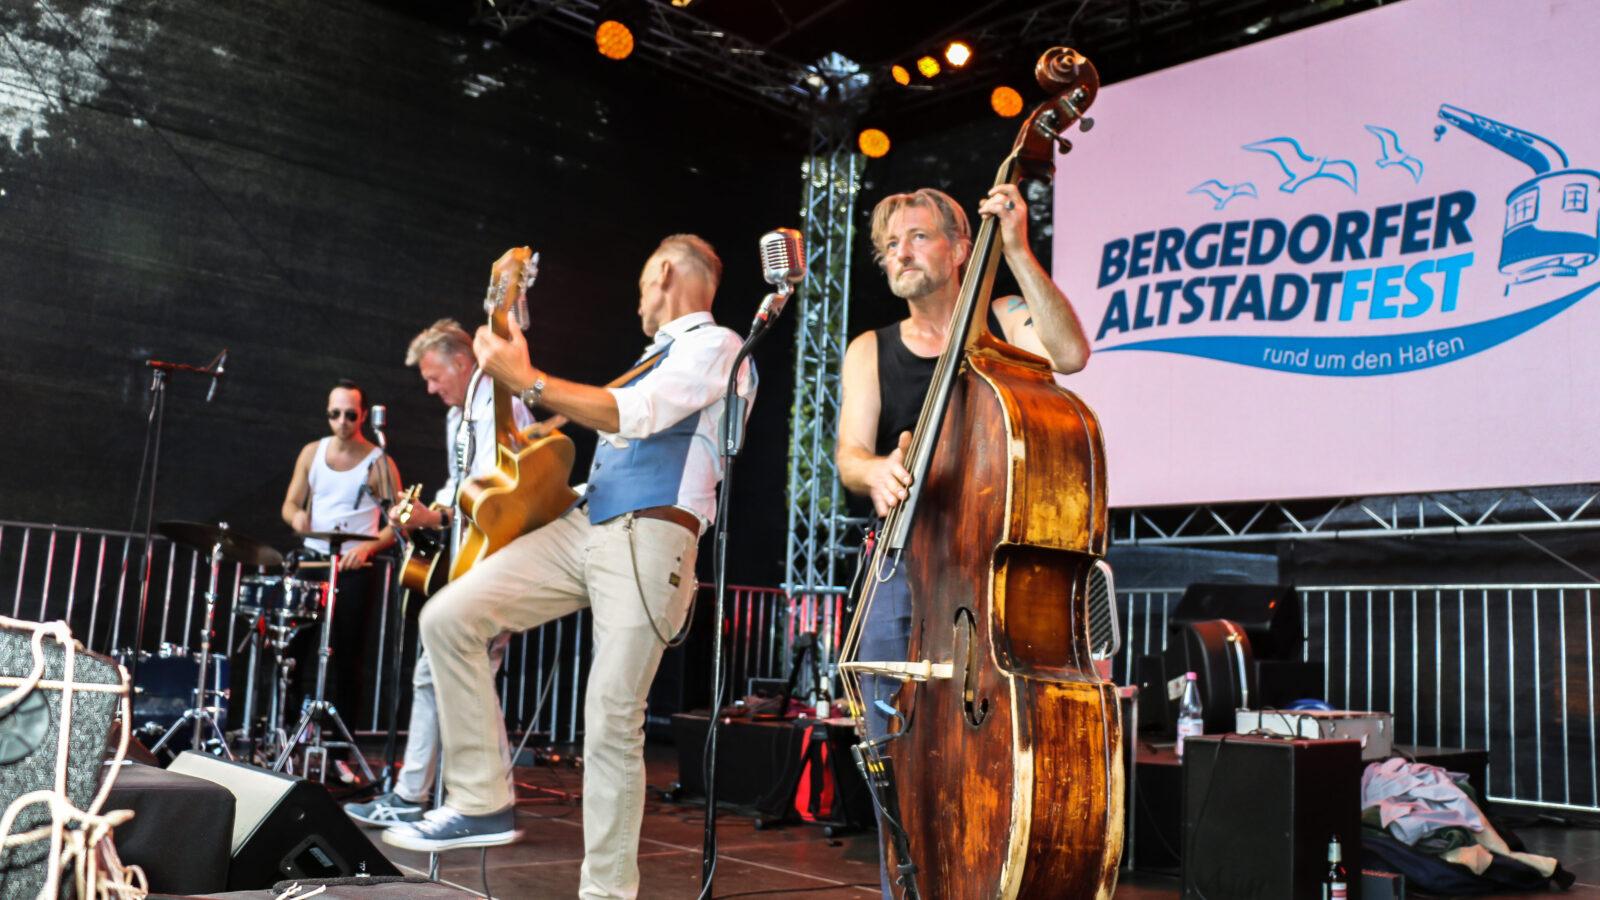 Bergedorfer Altstadtfest Biggs B Sonic